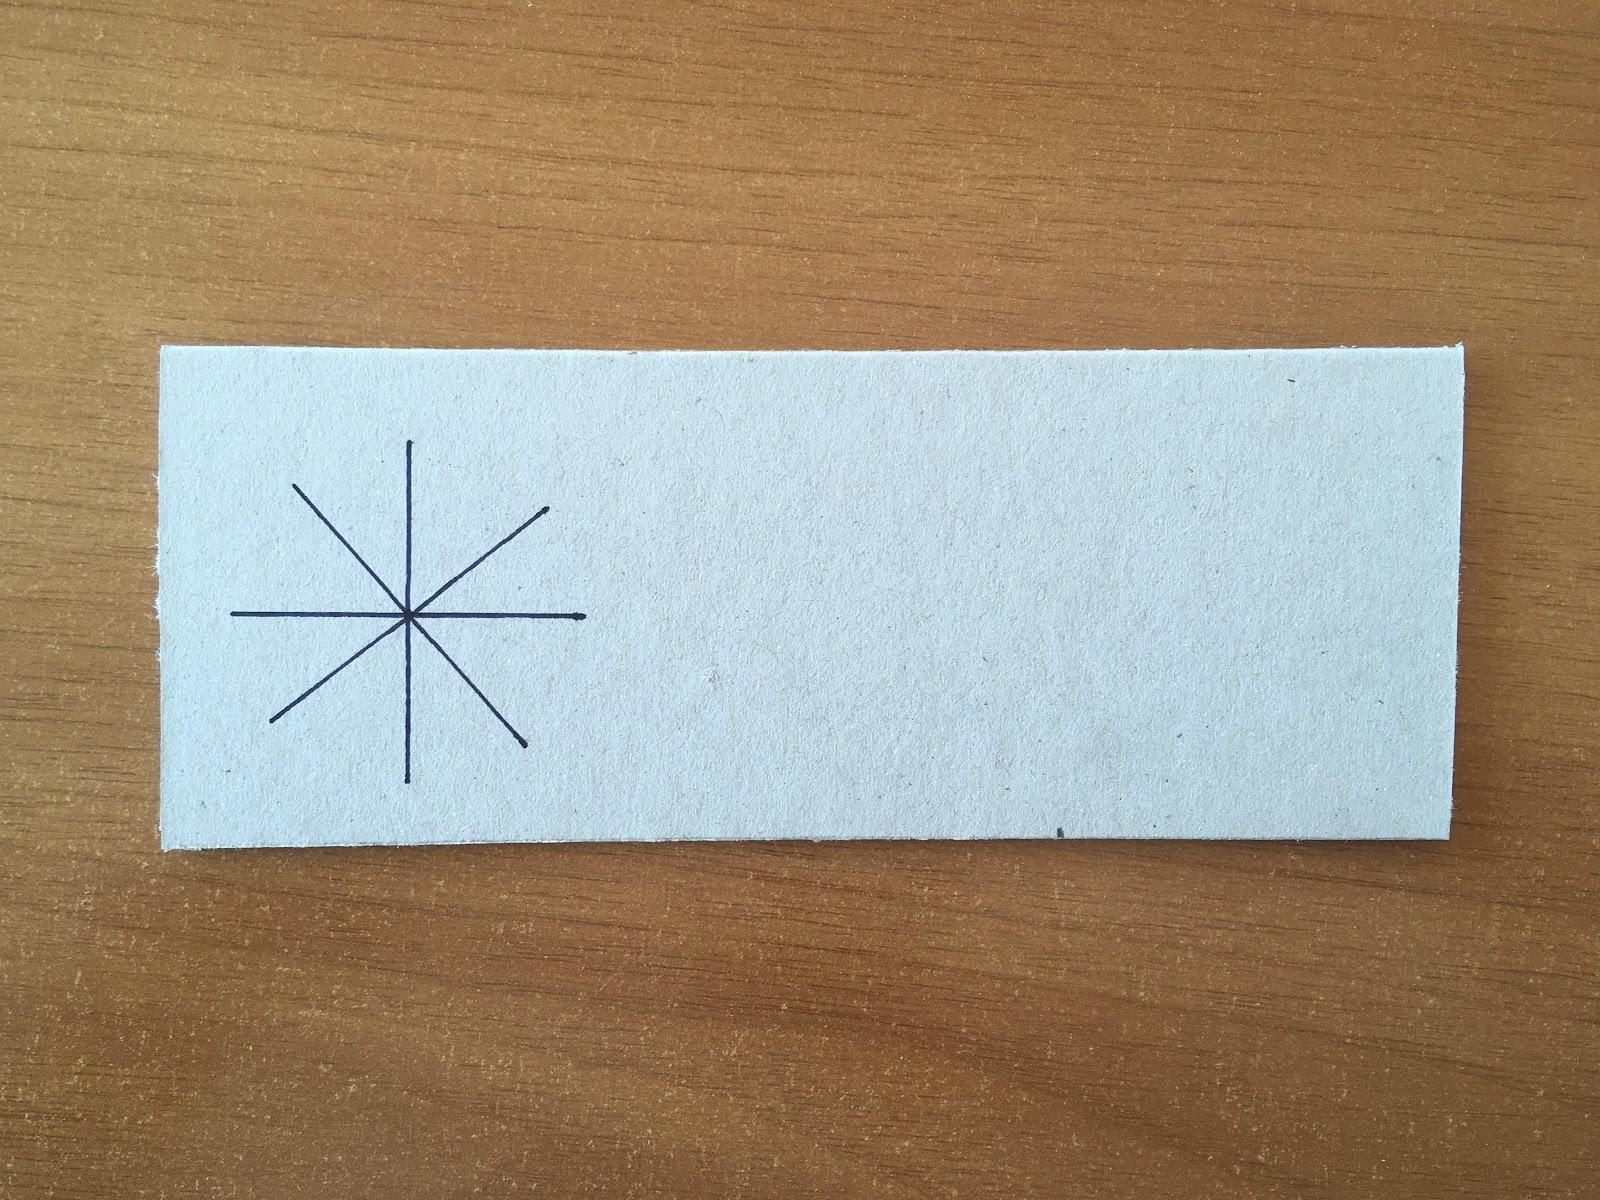 Trazado de dos líneas más sobre el dibujo anterior, rotadas aproximadamente 45 grados.